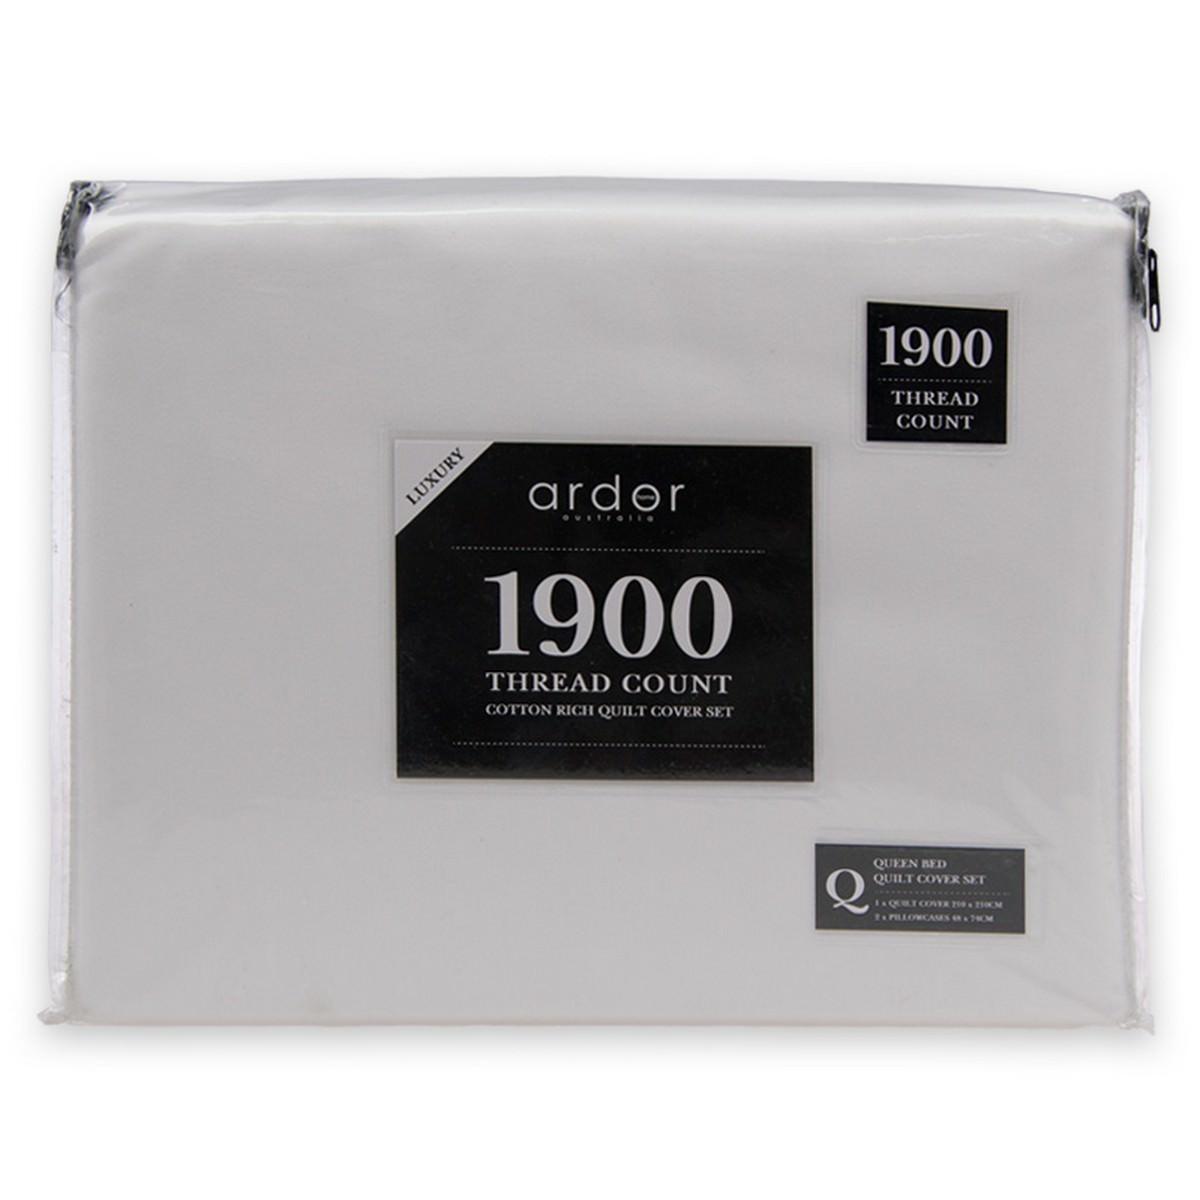 Ardor 1900TC Cotton Rich Quilt Cover Set, Queen, White